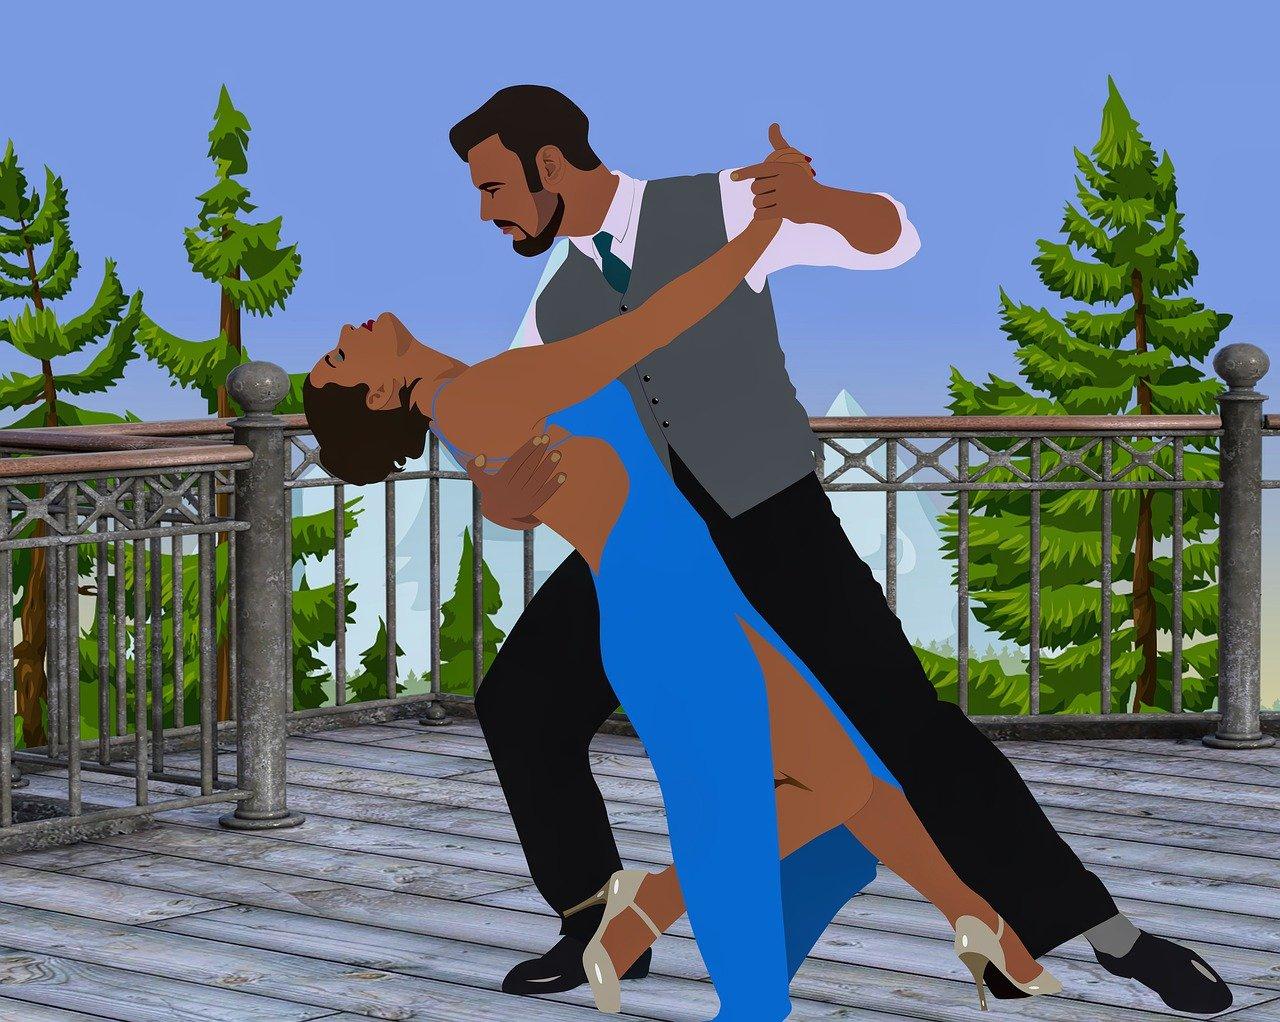 ilustracja przedstawia parę tancerzy